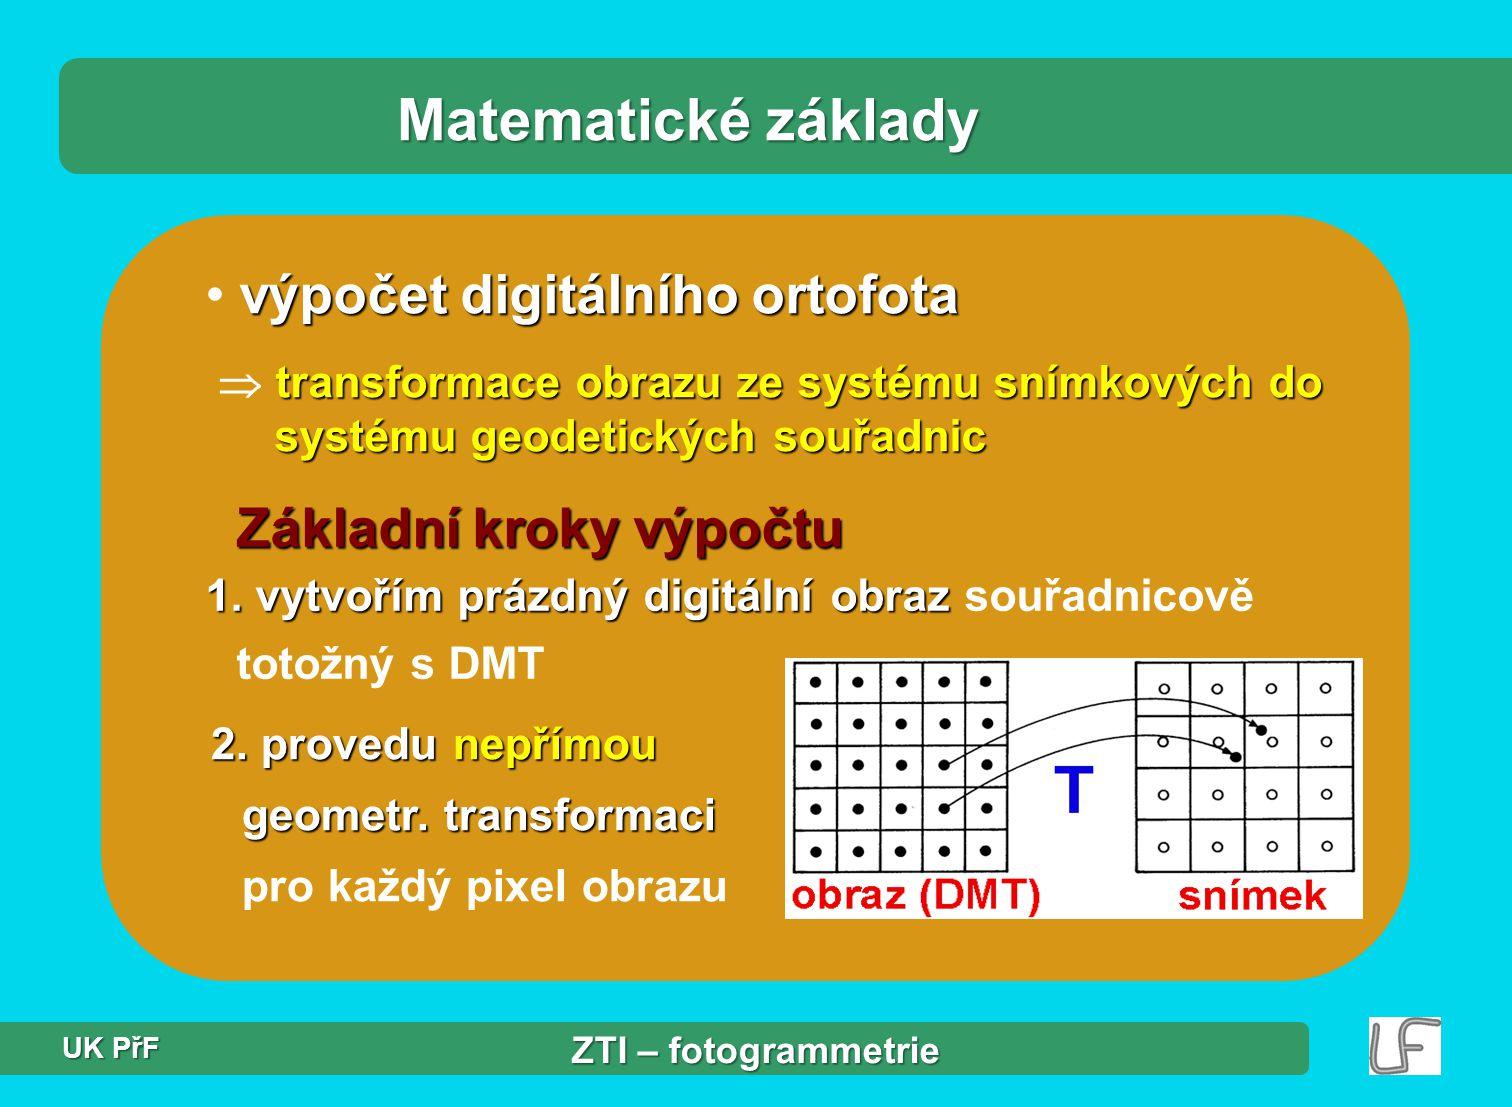 výpočet digitálního ortofota transformace obrazu ze systému snímkových do systému geodetických souřadnic  transformace obrazu ze systému snímkových do systému geodetických souřadnic Matematické základy 2.